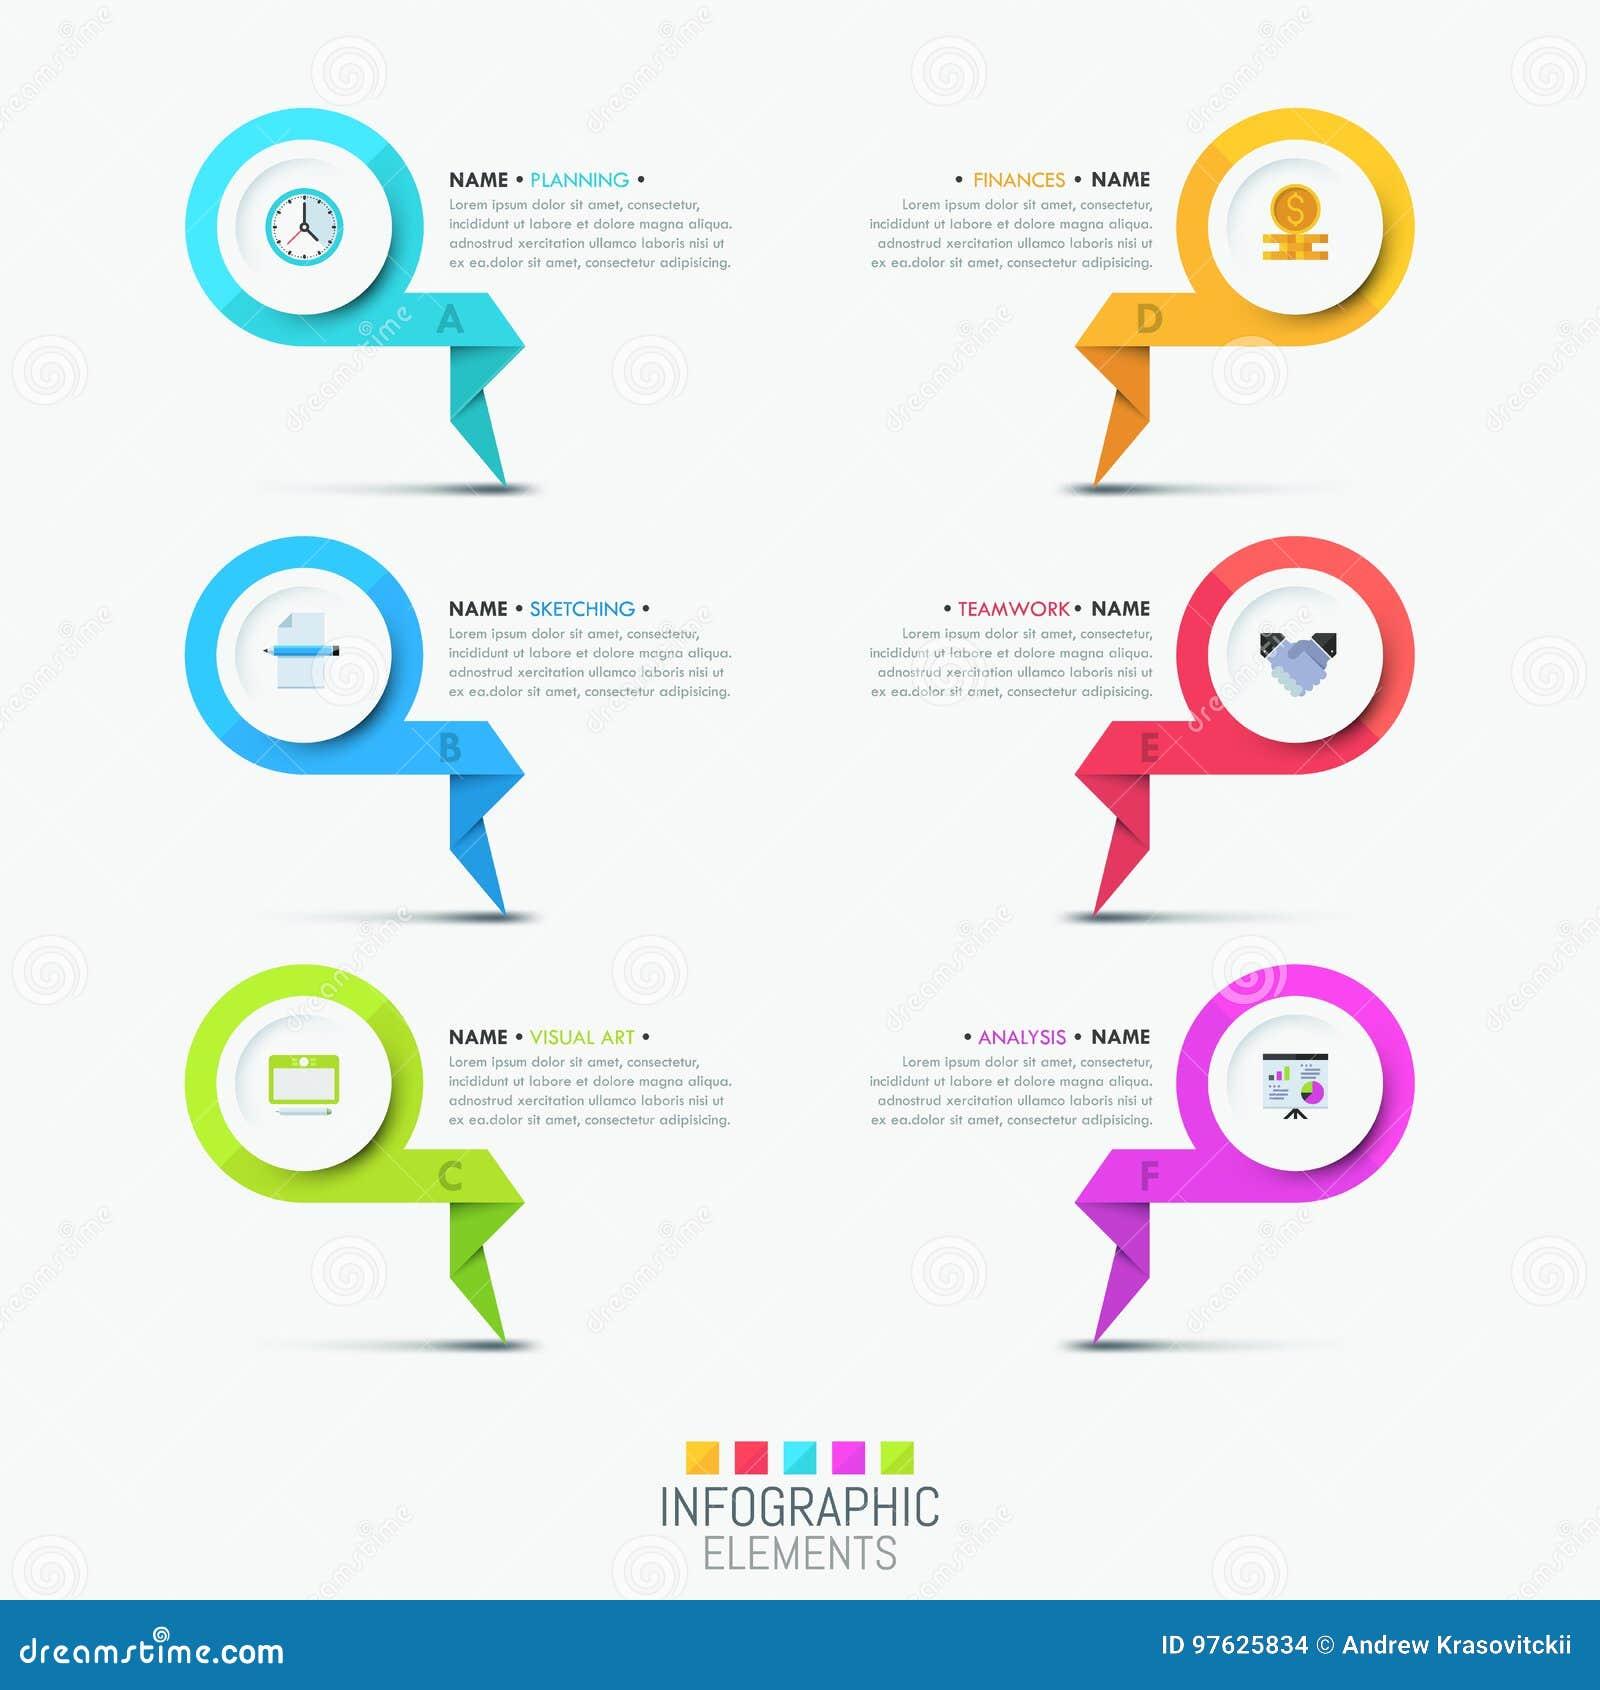 Molde infographic criativo do projeto - 6 elementos indicados por letras coloridos